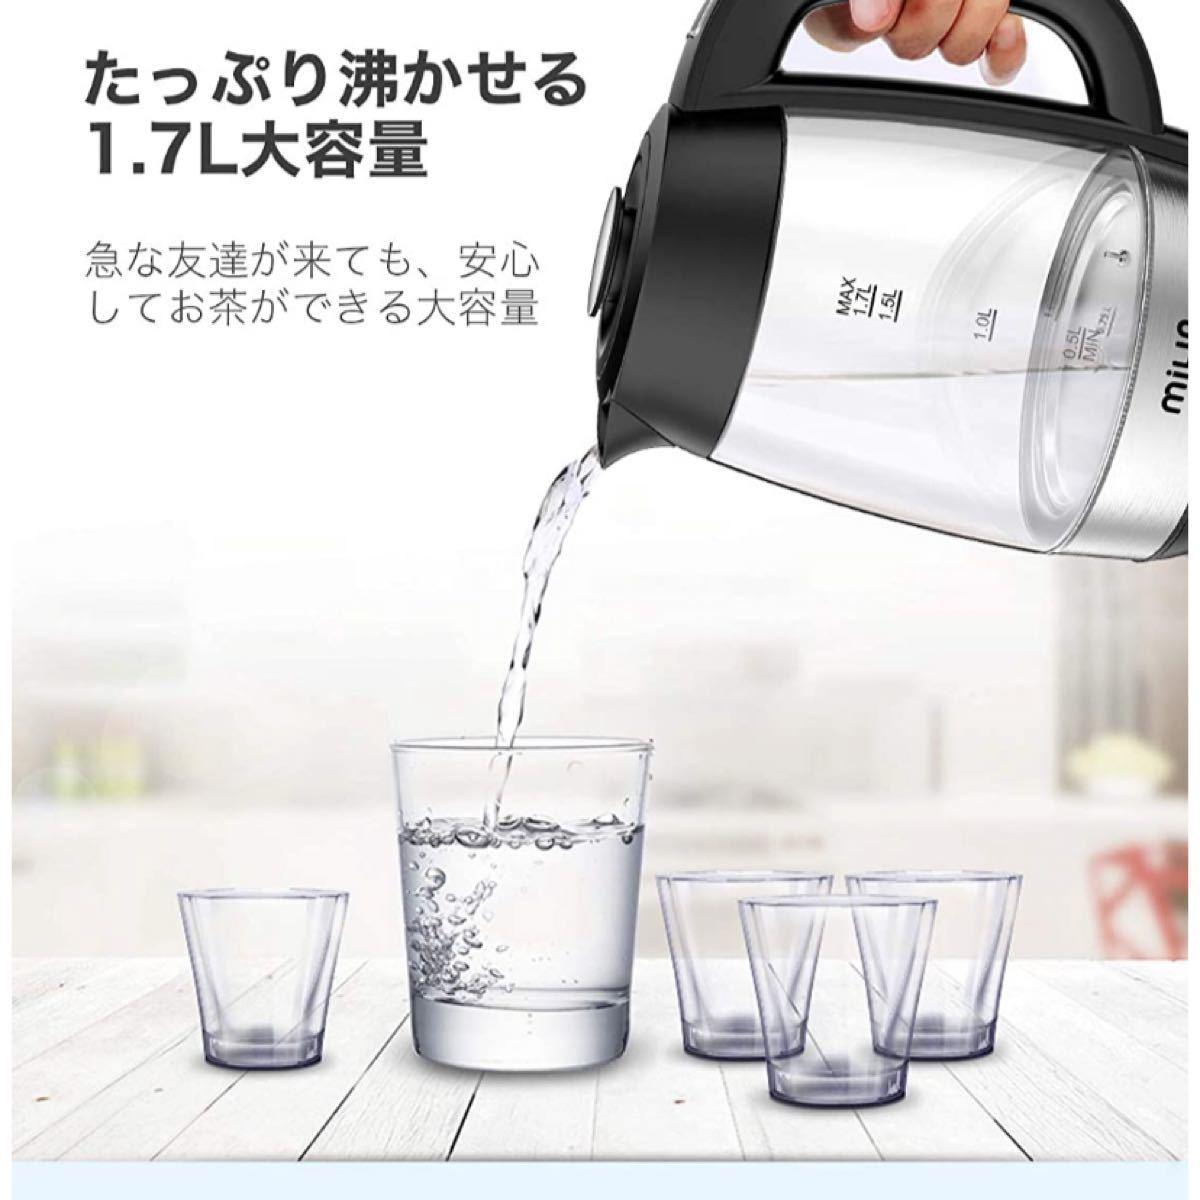 電気ケトル 温度調節 ケトル ガラス 1.7L